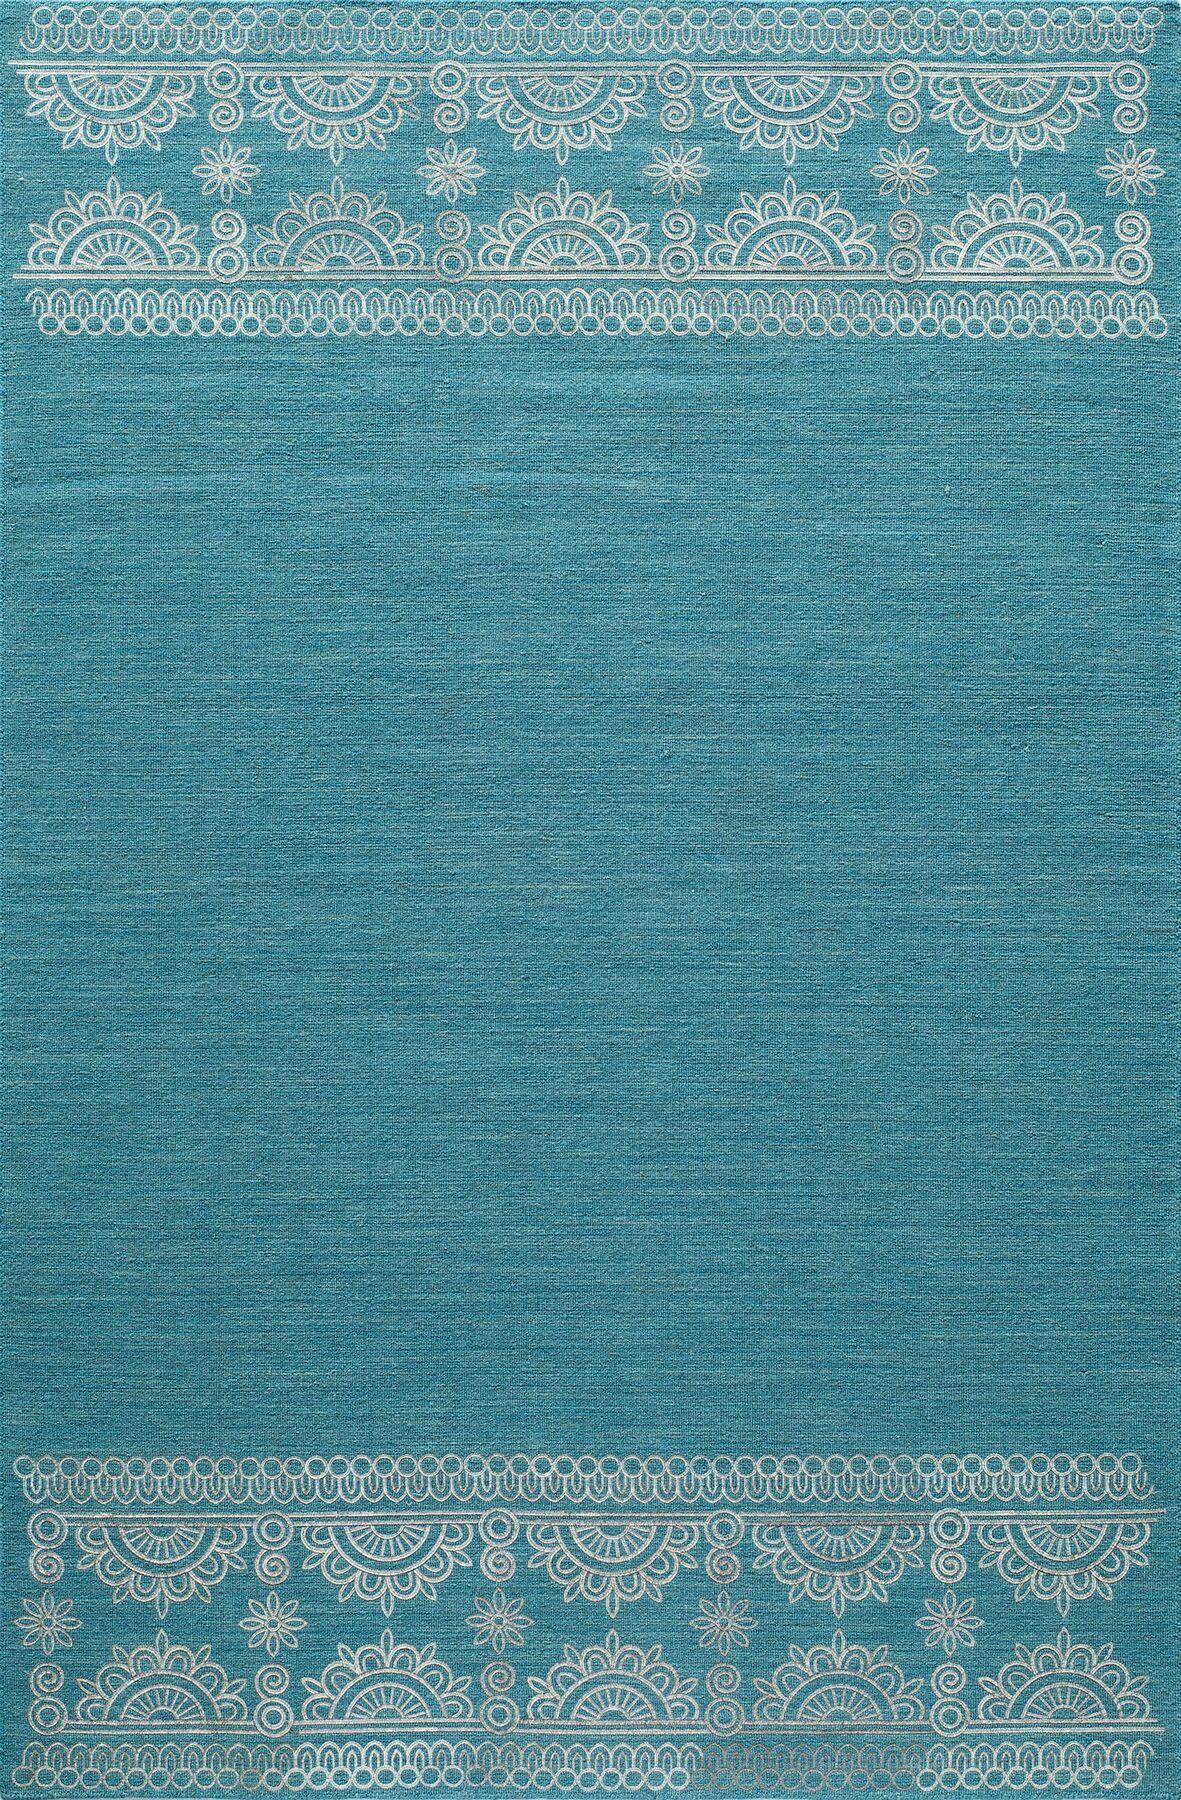 Dyann Hand-Woven Teal Area Rug Rug Size: Rectangle 3'6